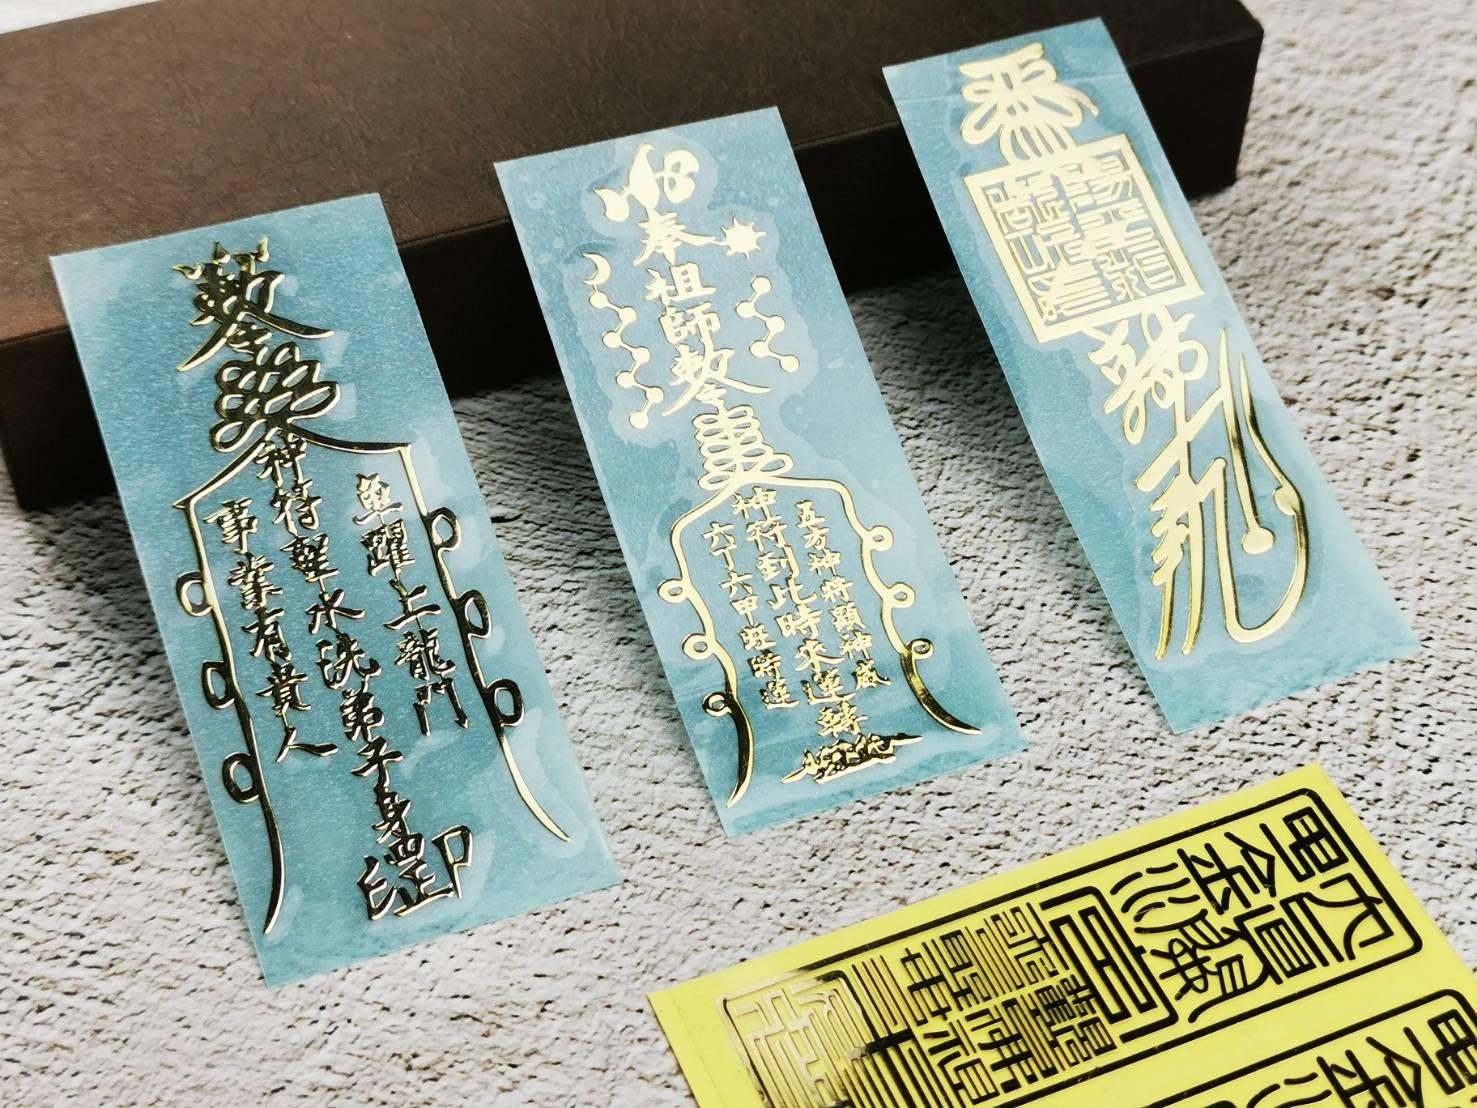 金屬貼紙|電鑄貼紙|簍空貼紙|符咒貼紙|寺廟貼紙|鎮瀾宮貼紙|銘版貼紙|商標貼紙|LOGO貼紙